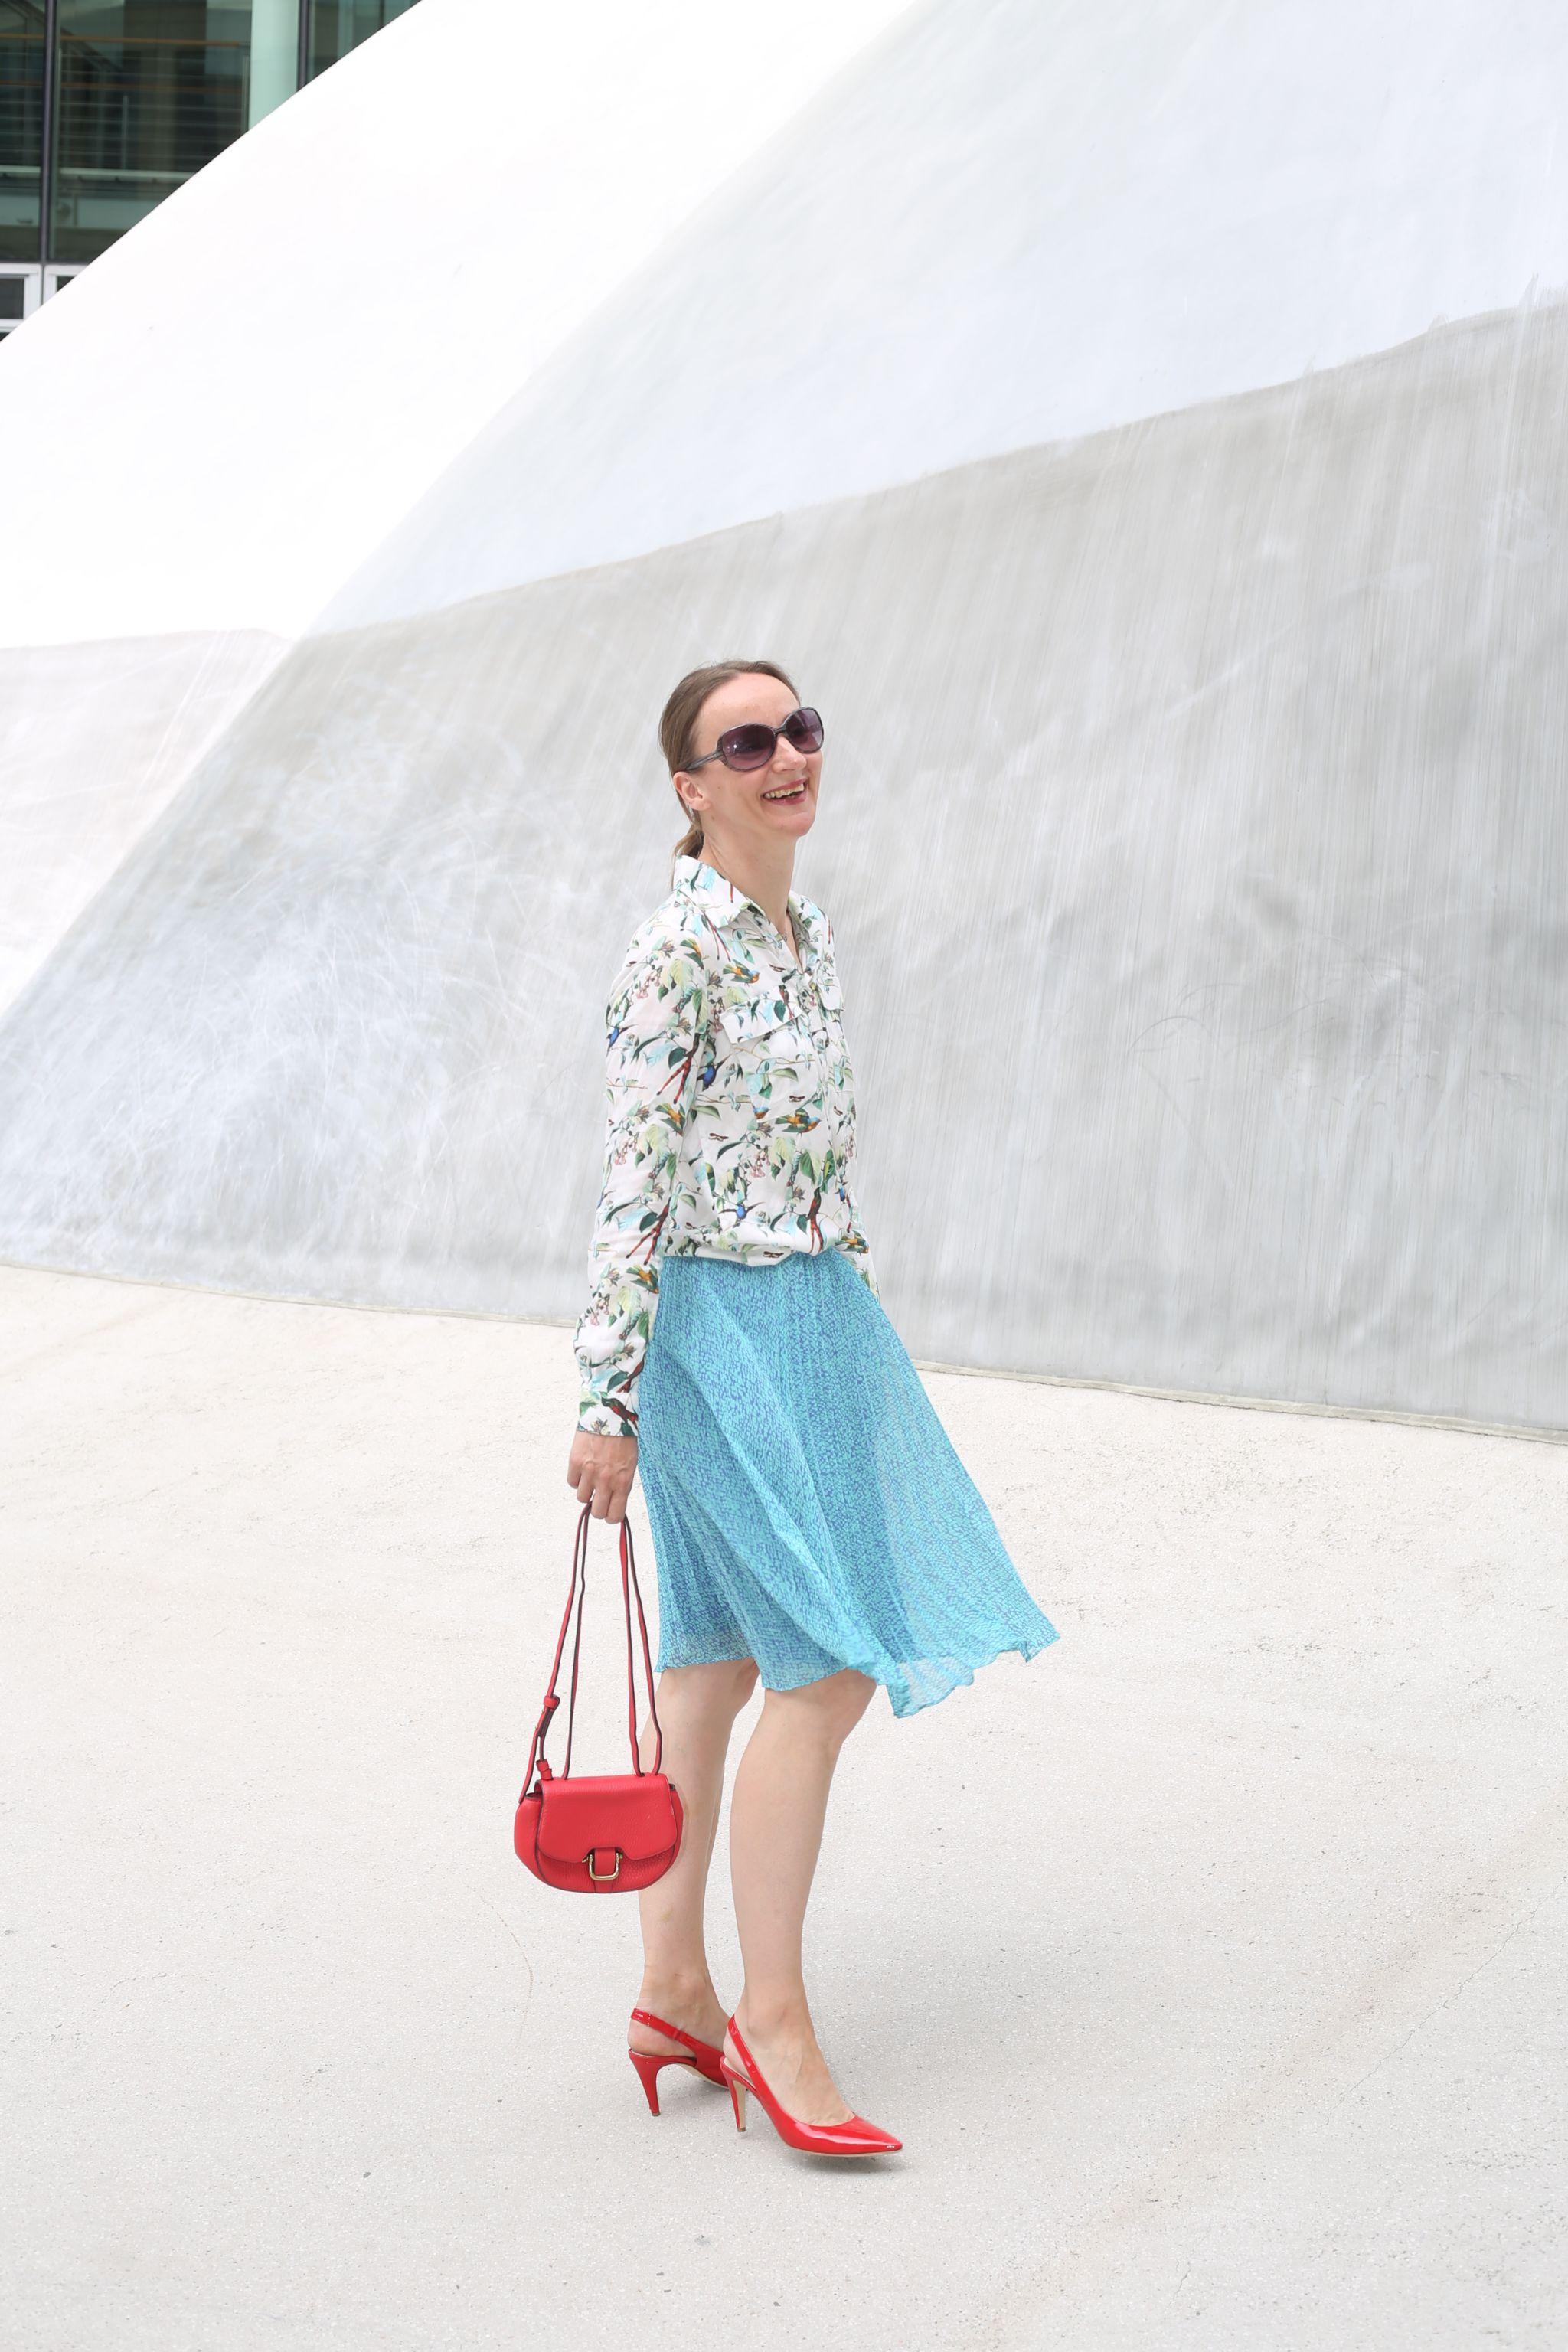 1.29 glamupyourlifestyle oceanblue-style bloggerinterview ue-40-blog ue-50-blog fashionblog Style